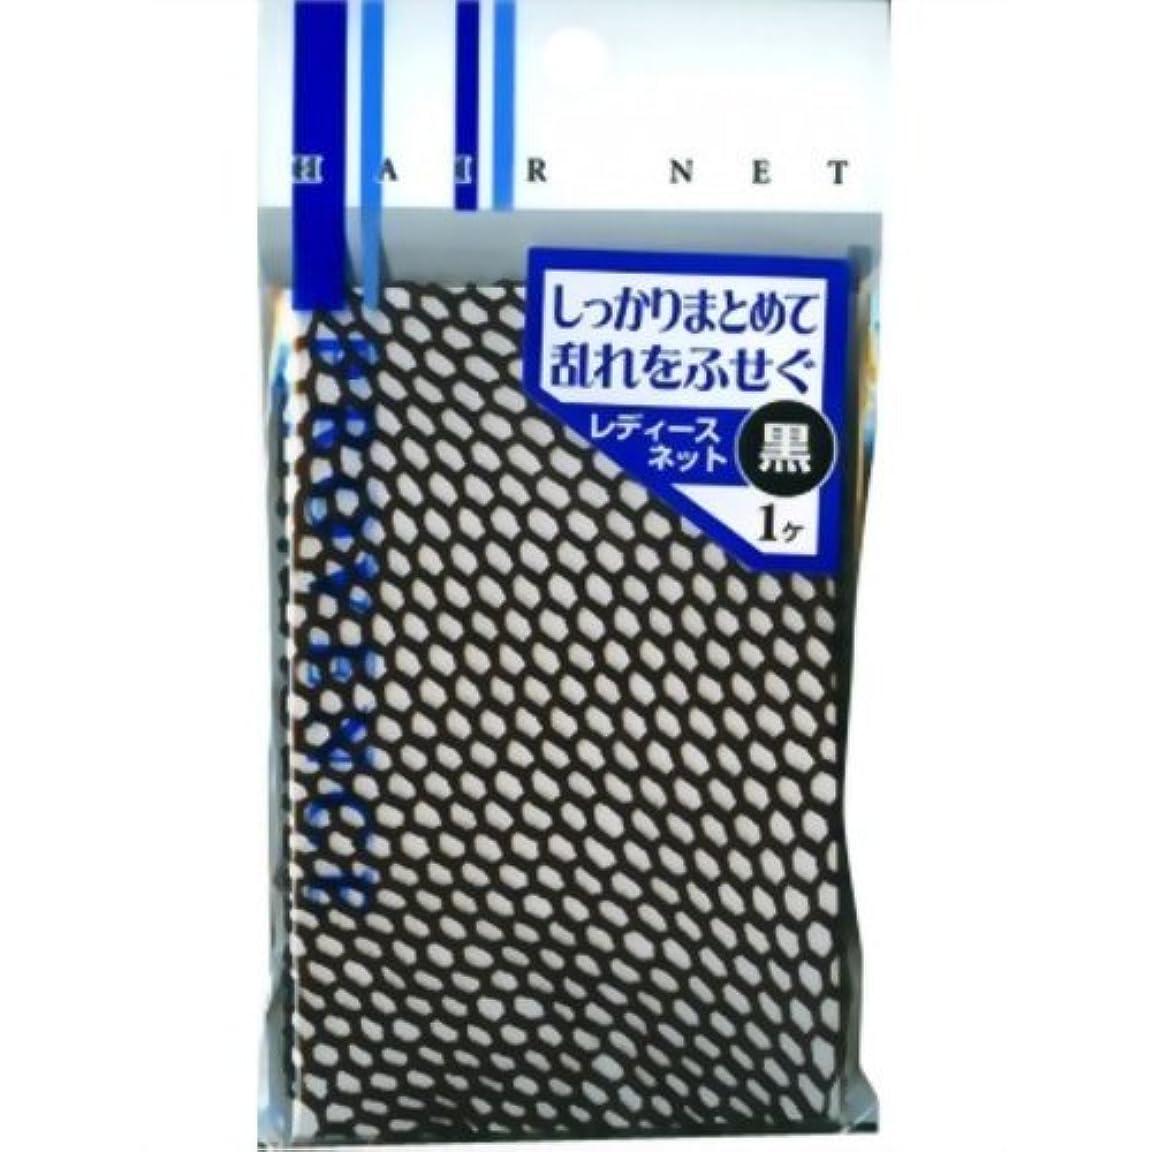 マウントバンク森林アリスSHO-BI レディスネット 黒 SPV40067 1個入 × 6個セット